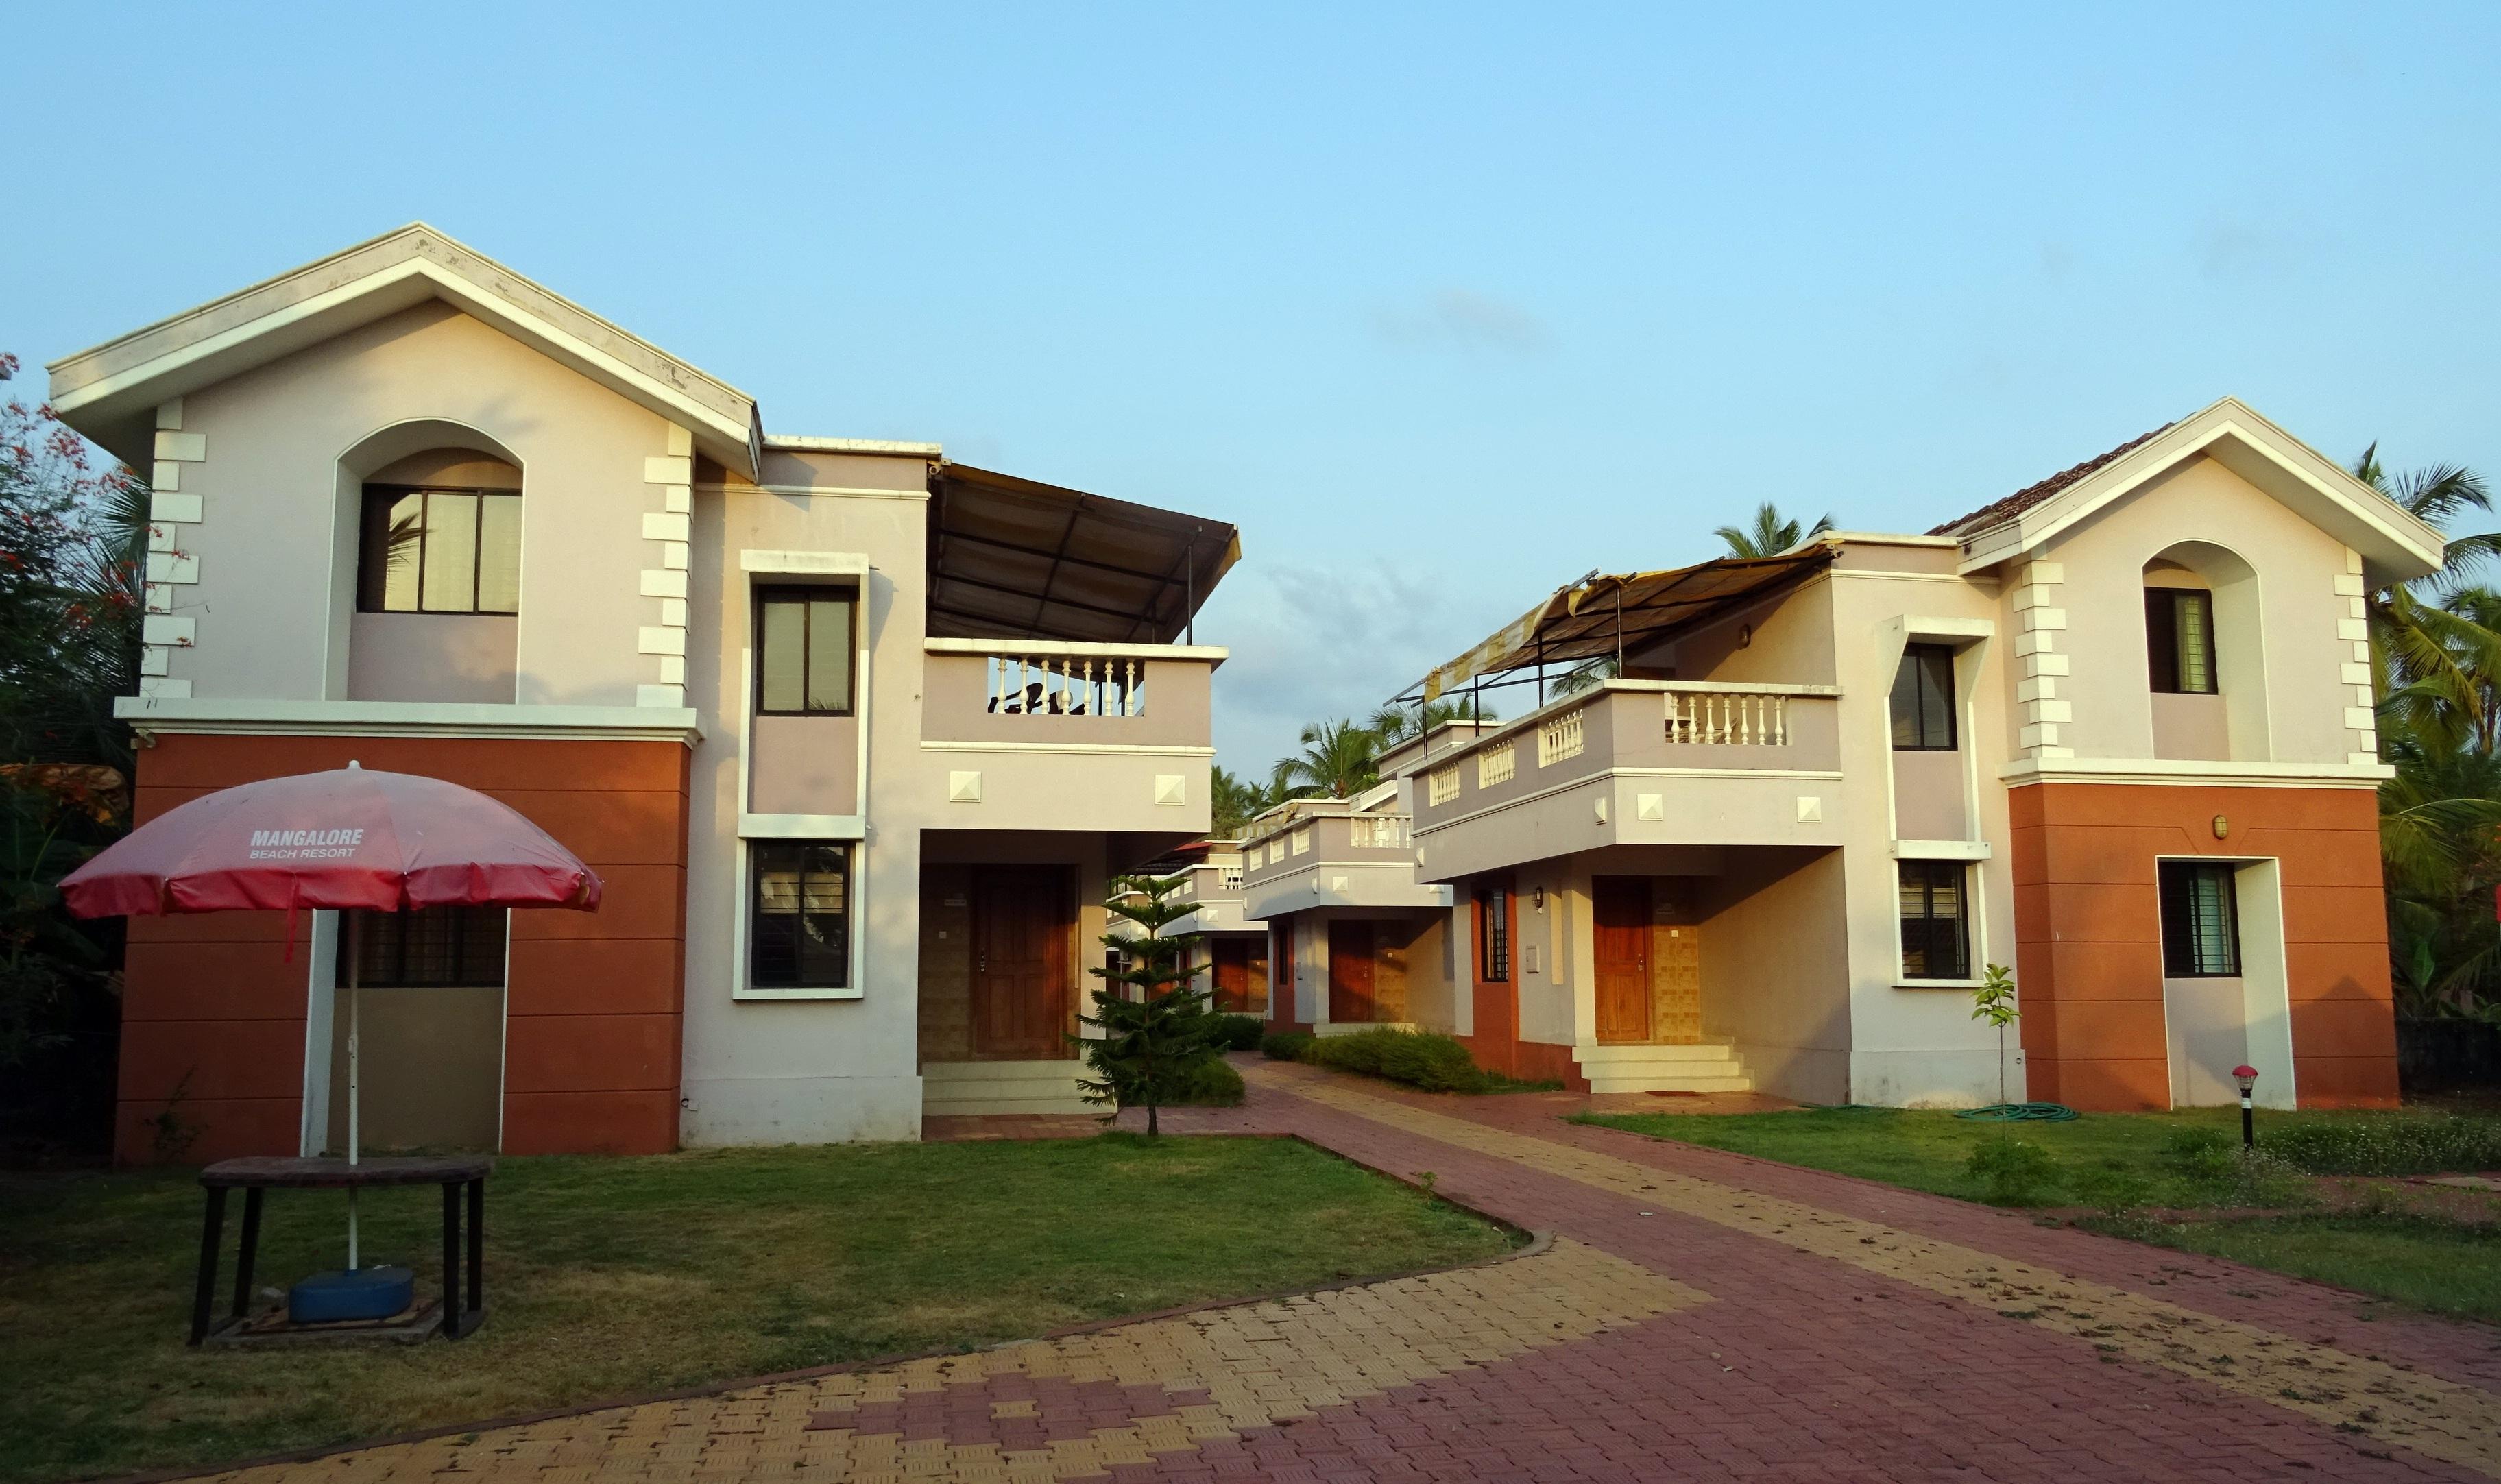 Gambar Laut Pasir Vila Rumah Besar Bangunan Liburan